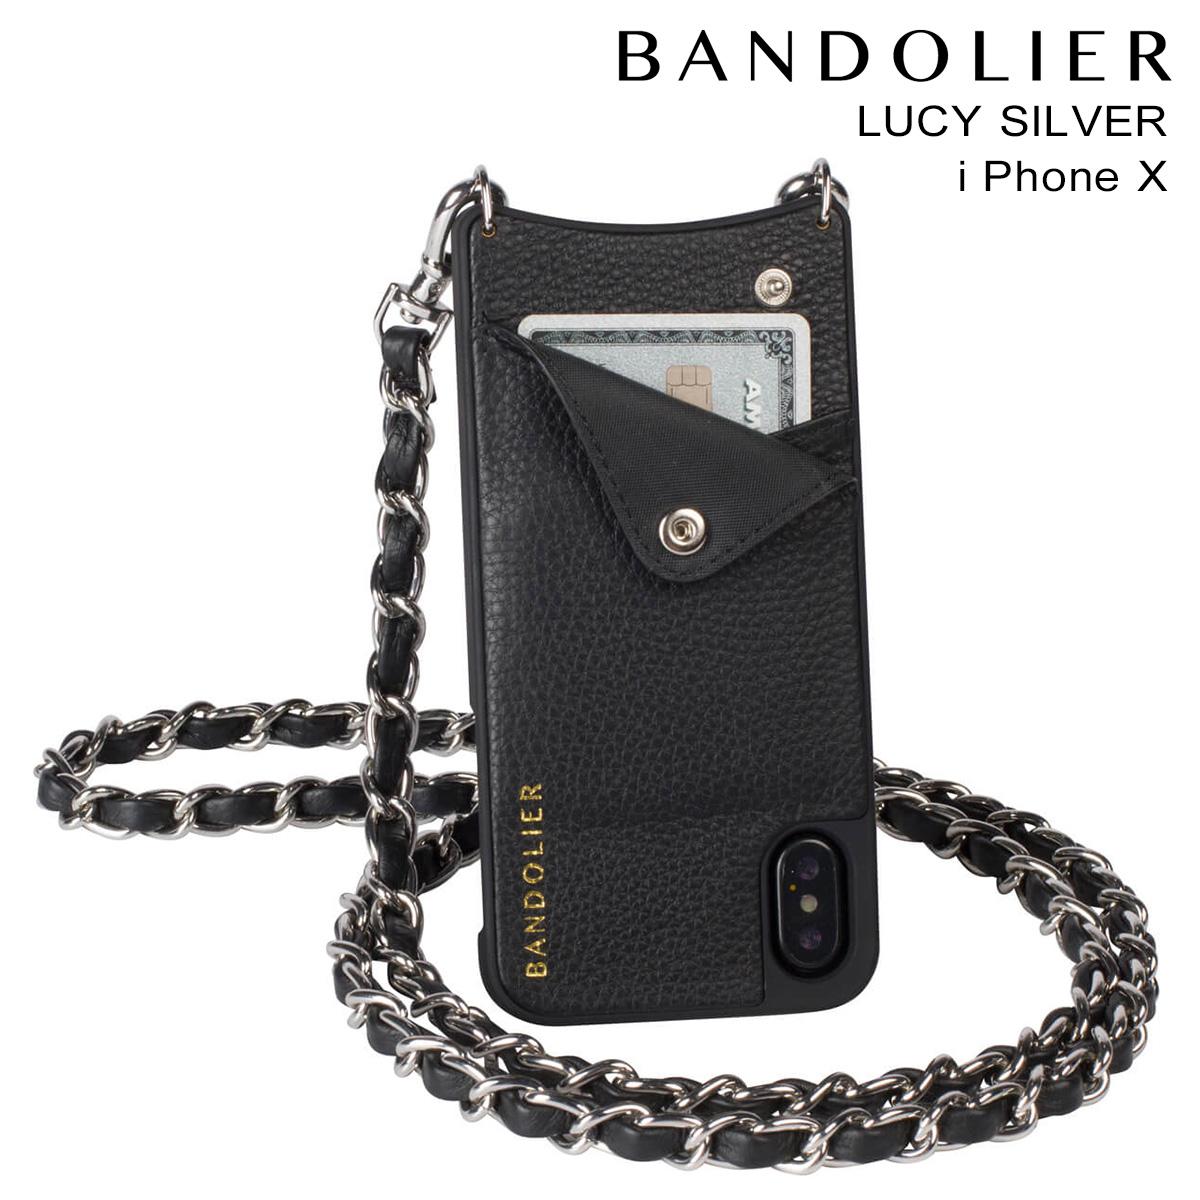 バンドリヤー BANDOLIER iPhoneX ケース スマホ アイフォン LUCY SILVER レザー メンズ レディース